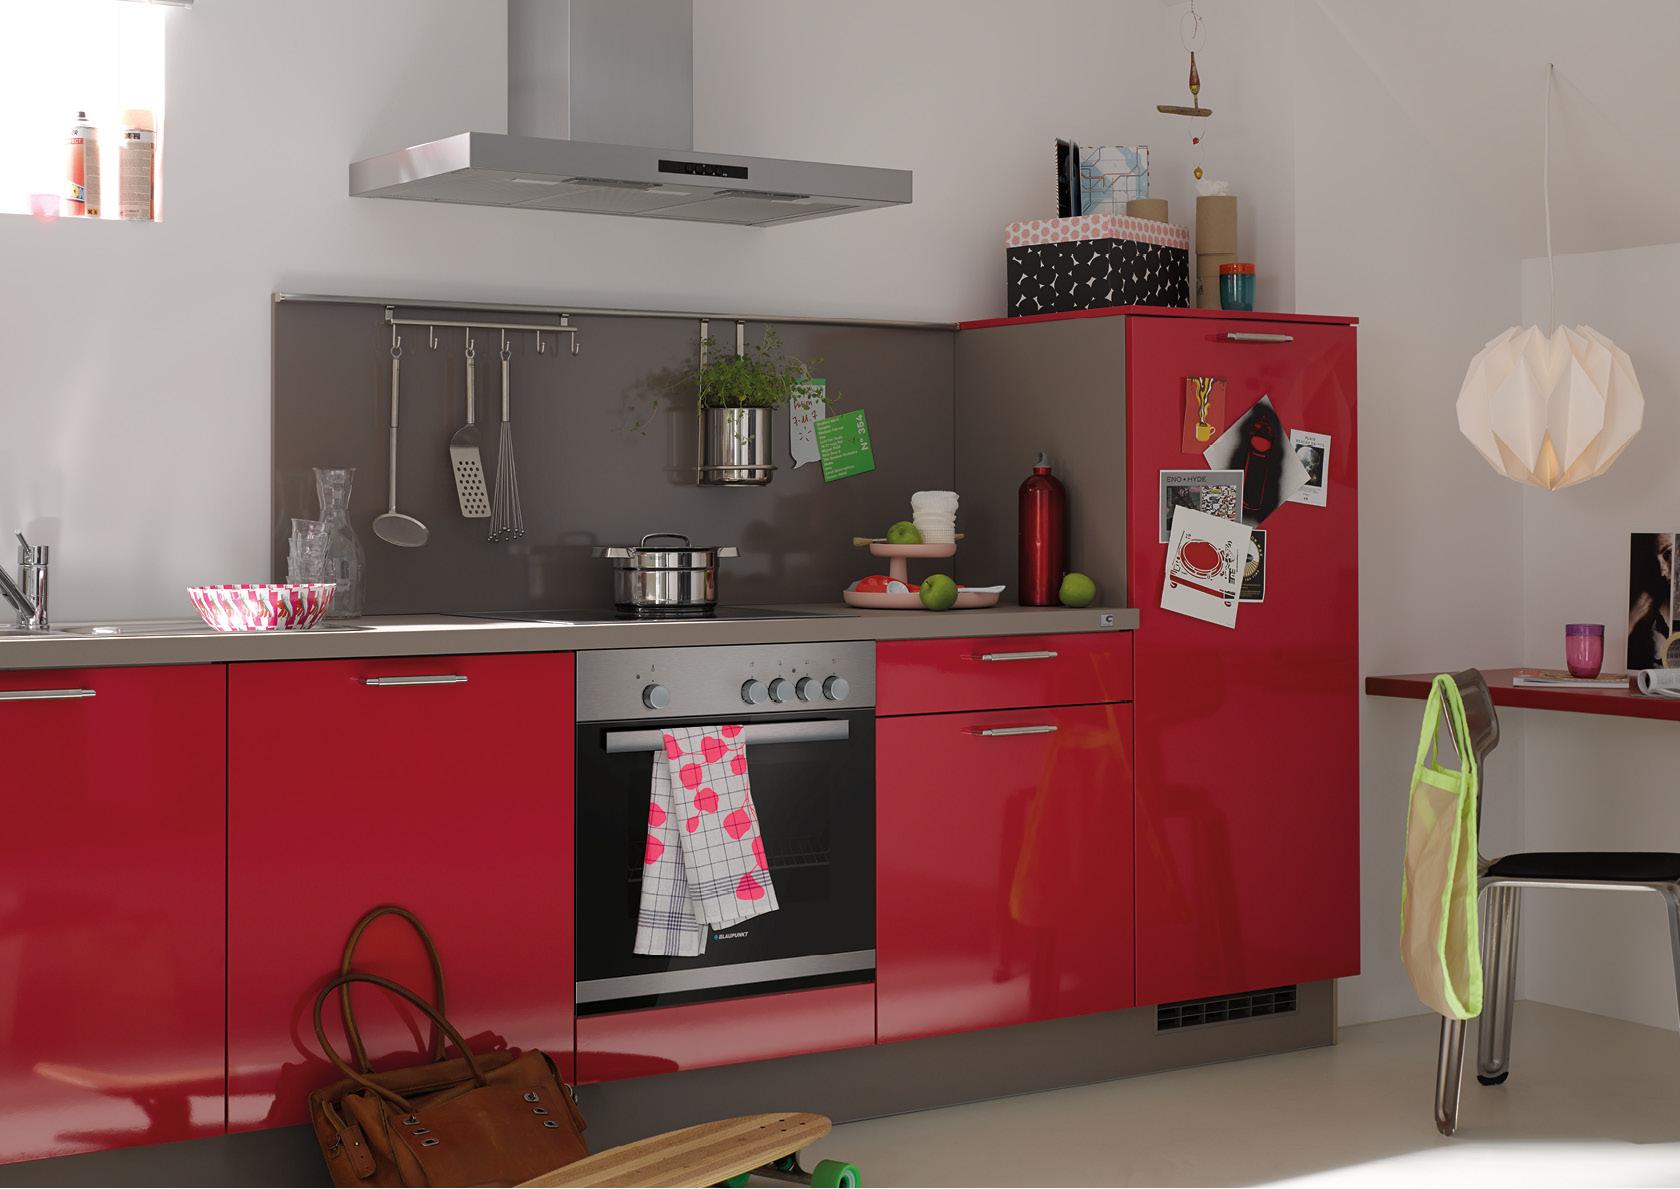 garant pure ne 15 sabel k chen mit leidenschaft in wuppertal. Black Bedroom Furniture Sets. Home Design Ideas